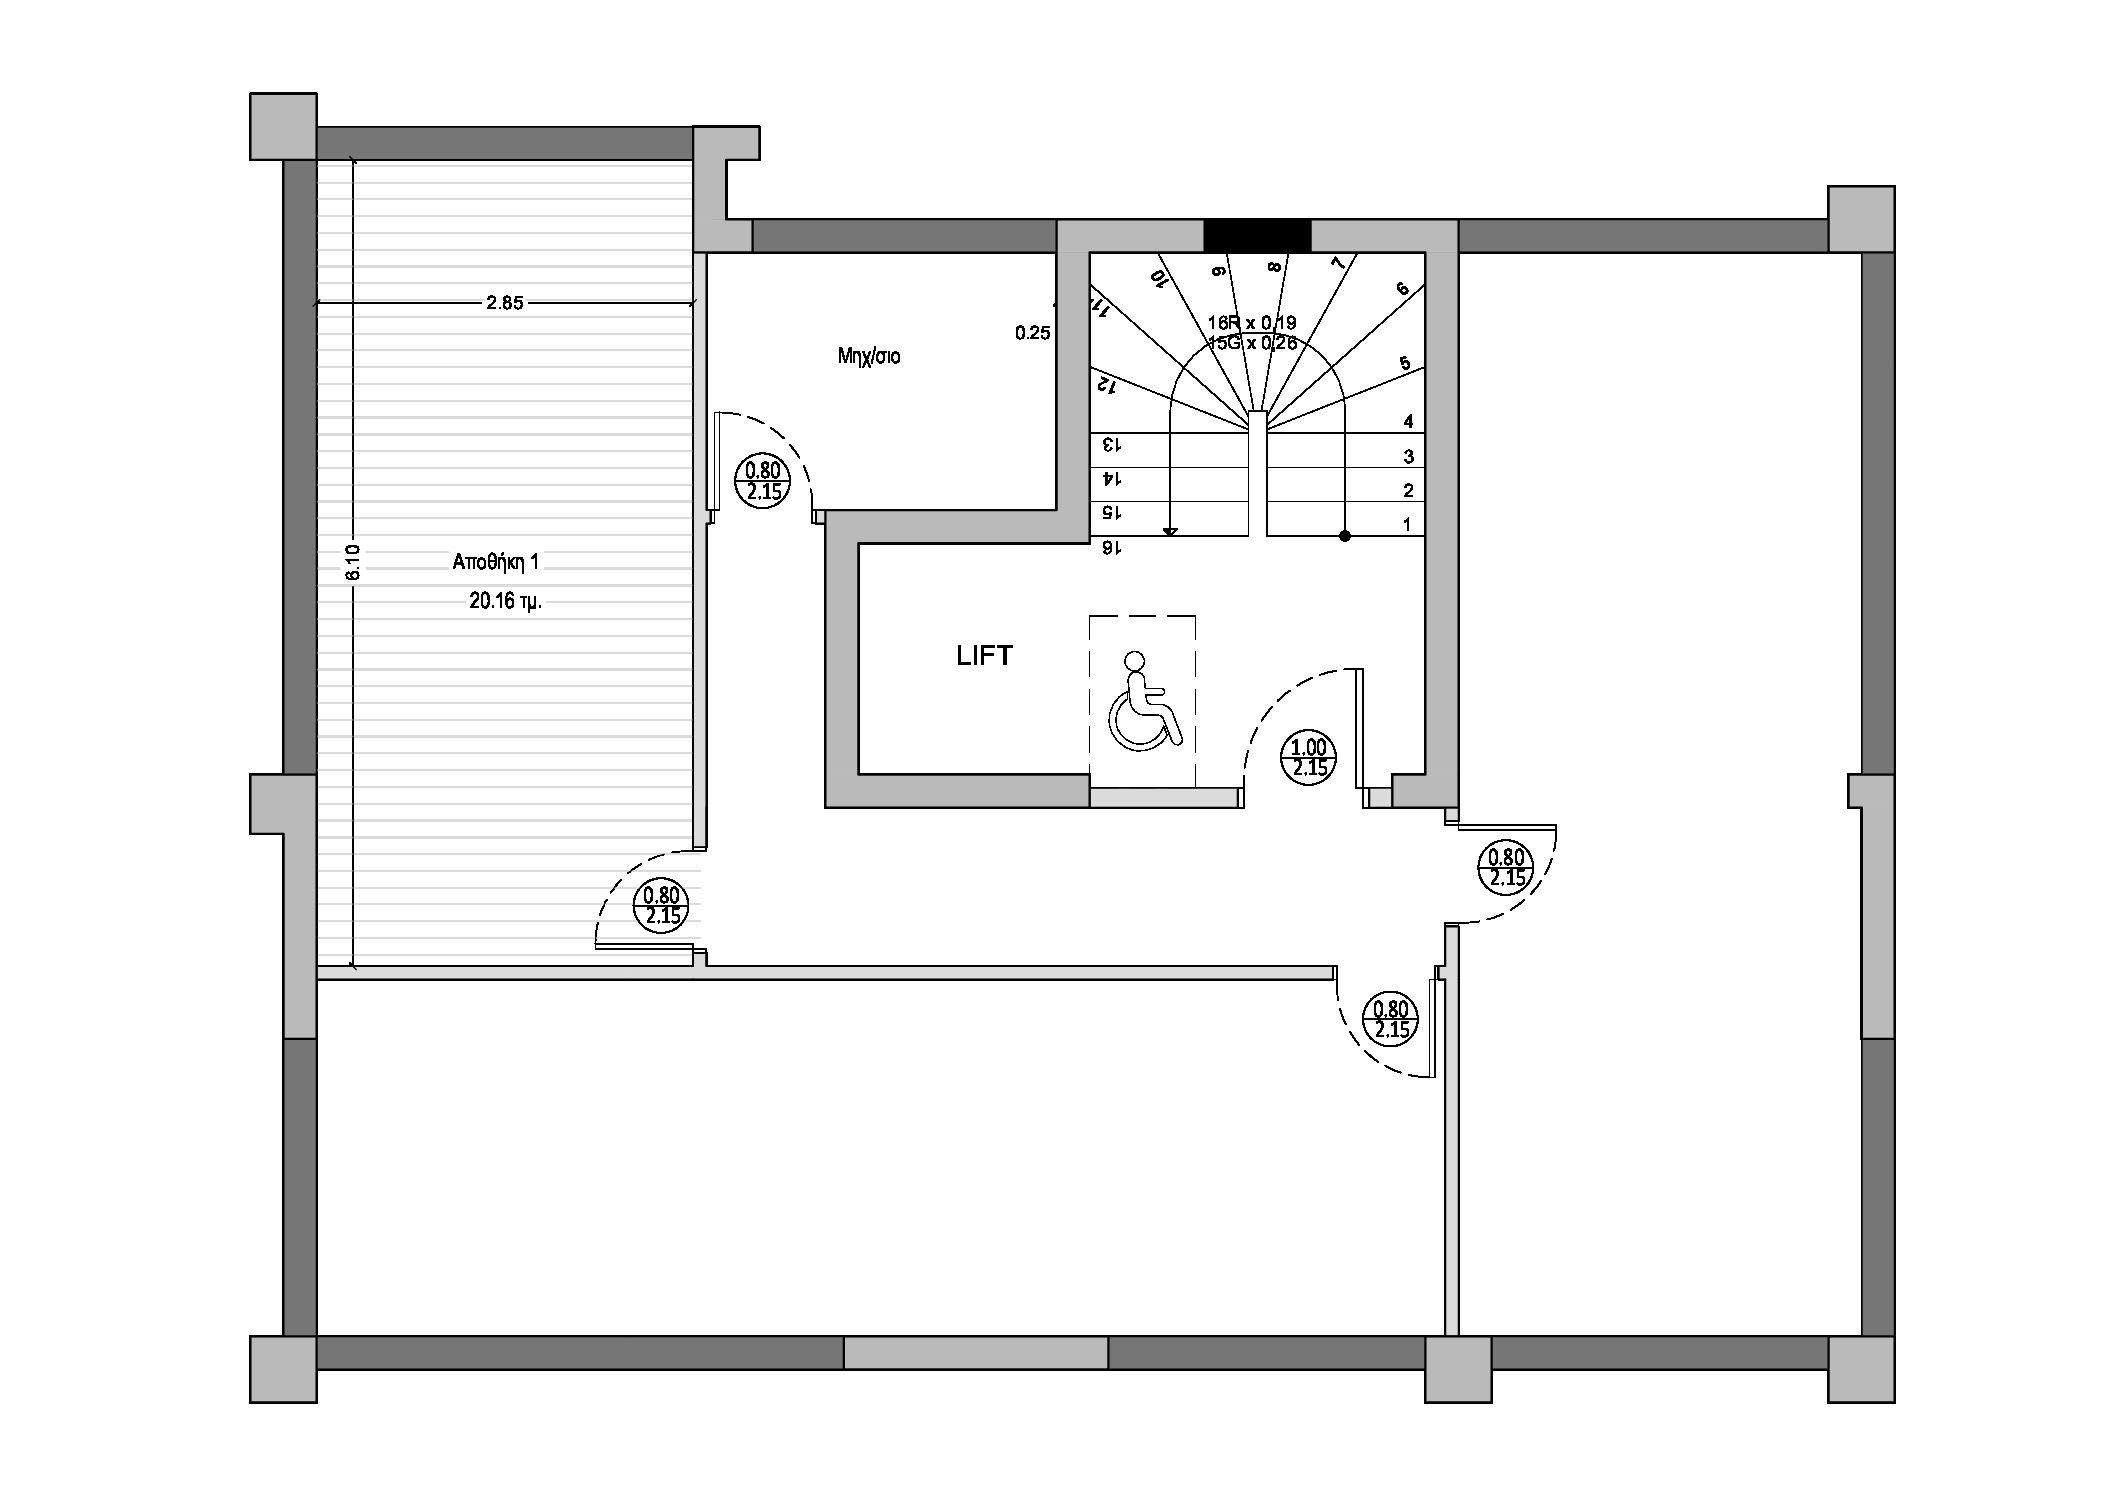 Κων/τικα   Σπ. Λούη 19 Ι Νεόδμητο   132 τ.μ.   1ος όροφος